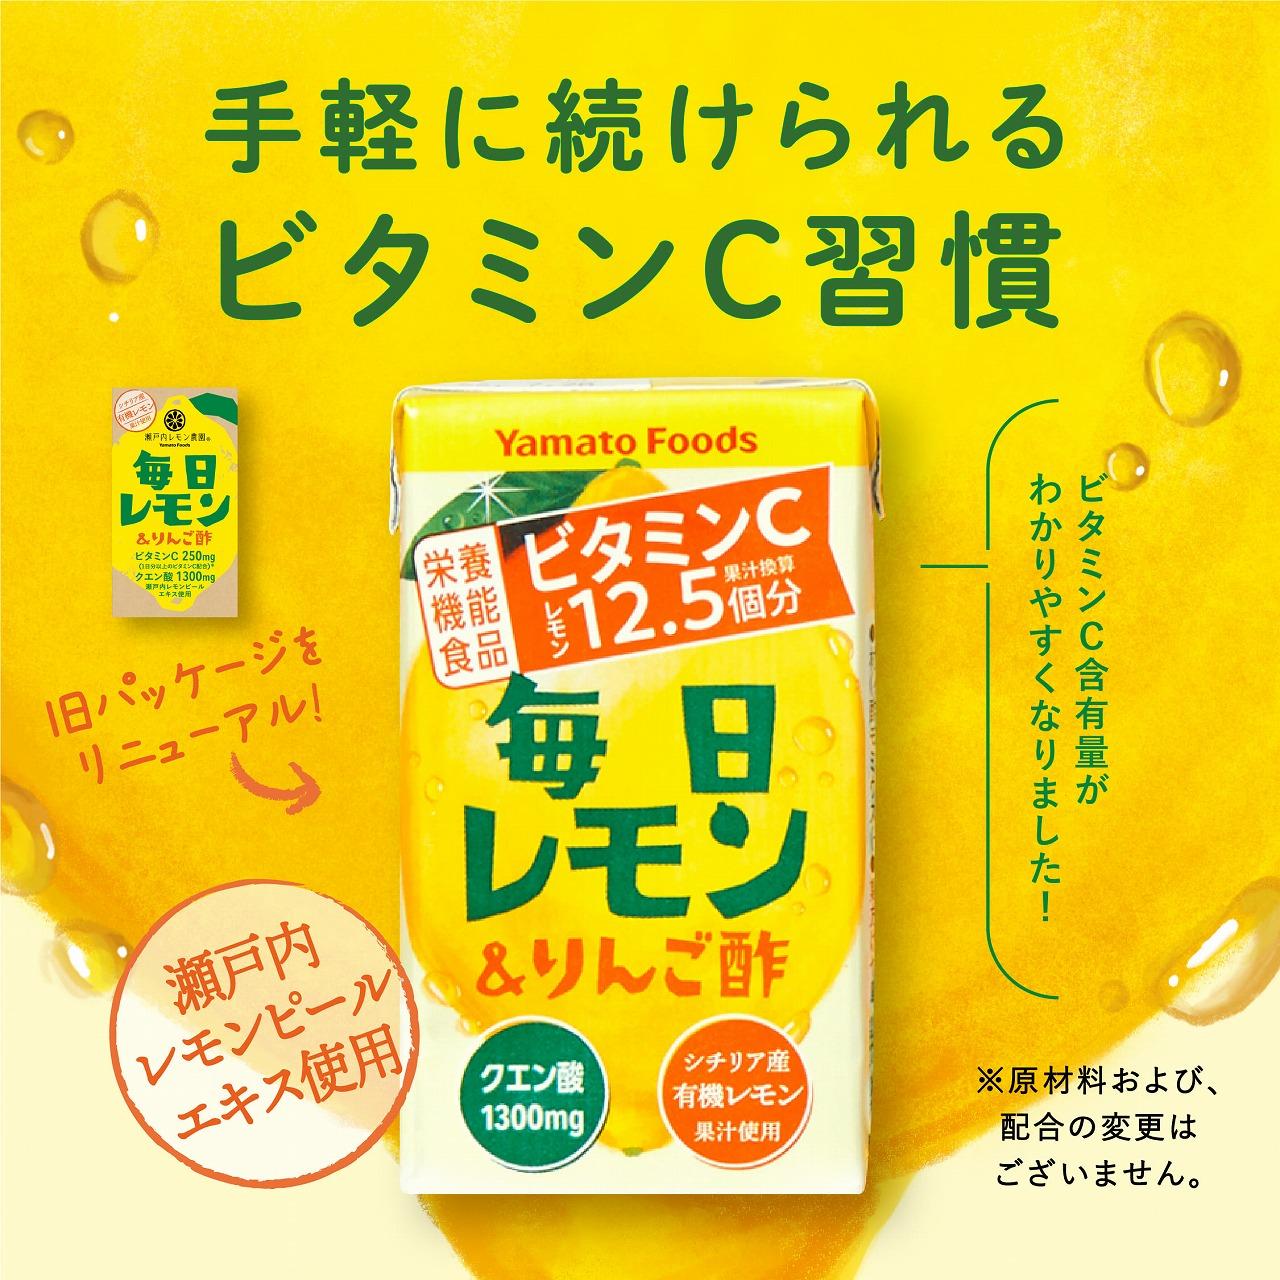 毎日レモン&りんご酢 24本セット